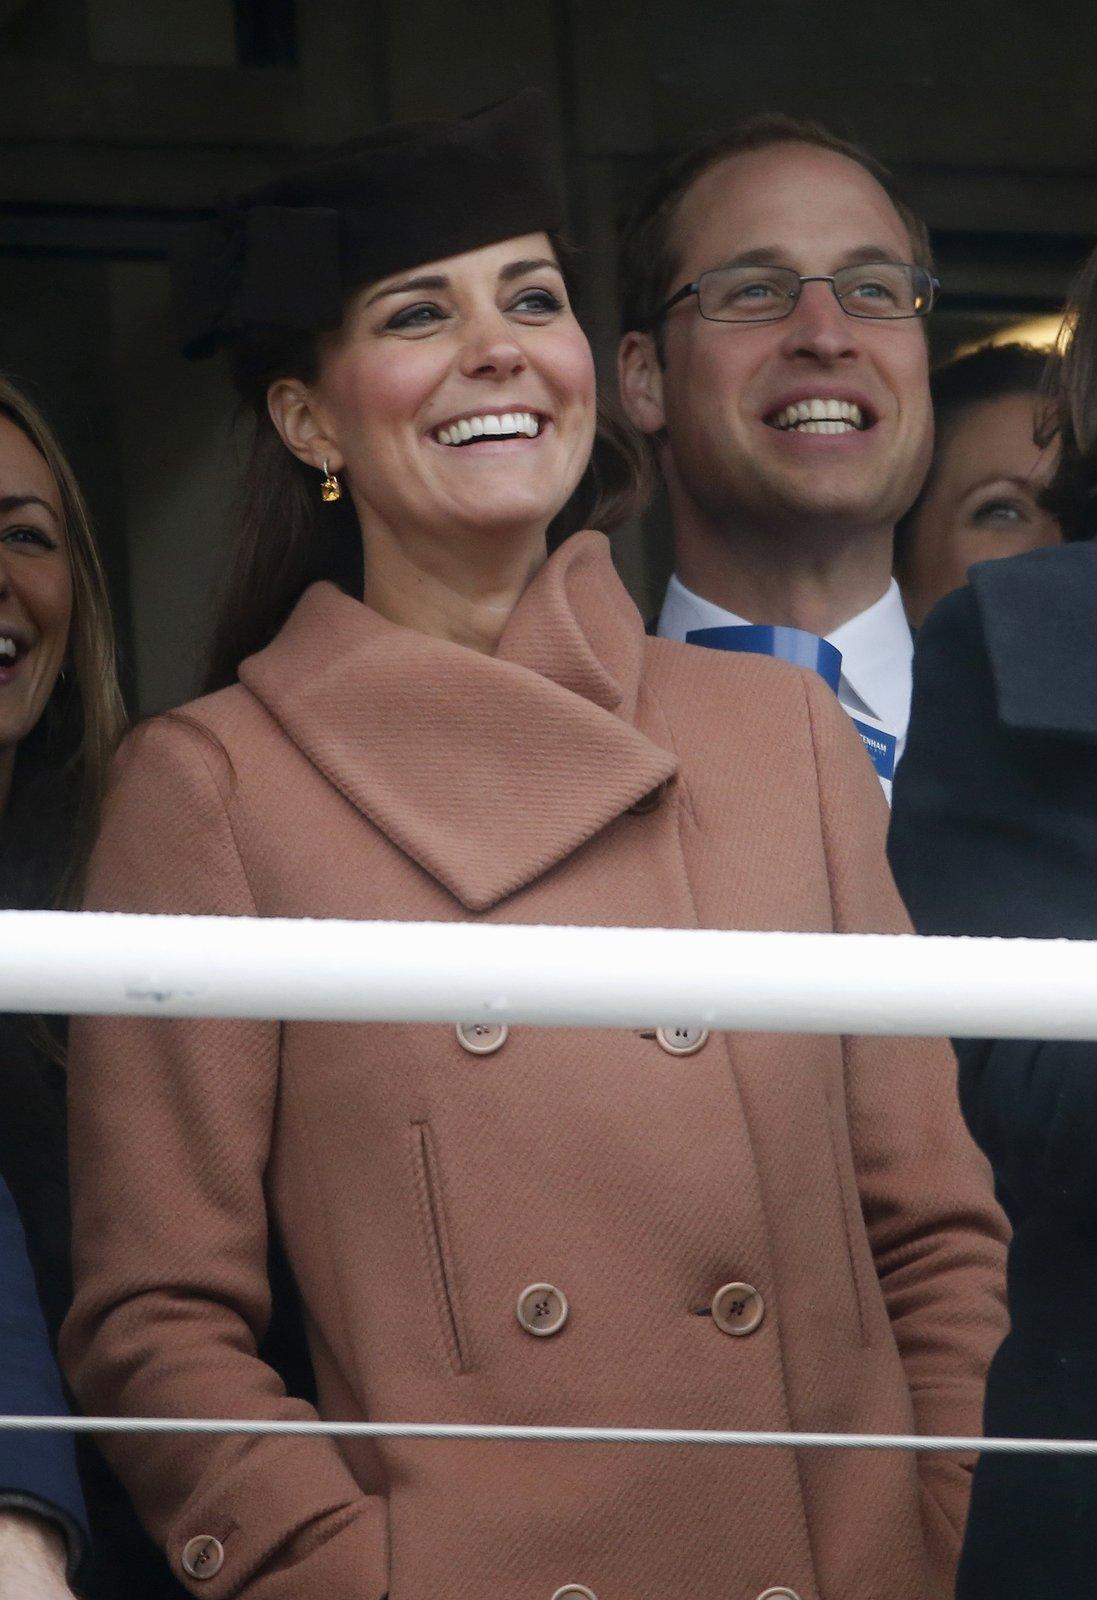 Princ William a jeho manželka Kate sledují průběh slavného dostihu v Cheltanhamu. Královský pár je známý svojí náklonností sportu. Loni spolu sledovali finále tenisového Wimbledonu a nechyběli ani mezi fanoušky na londýnské olympiádě.